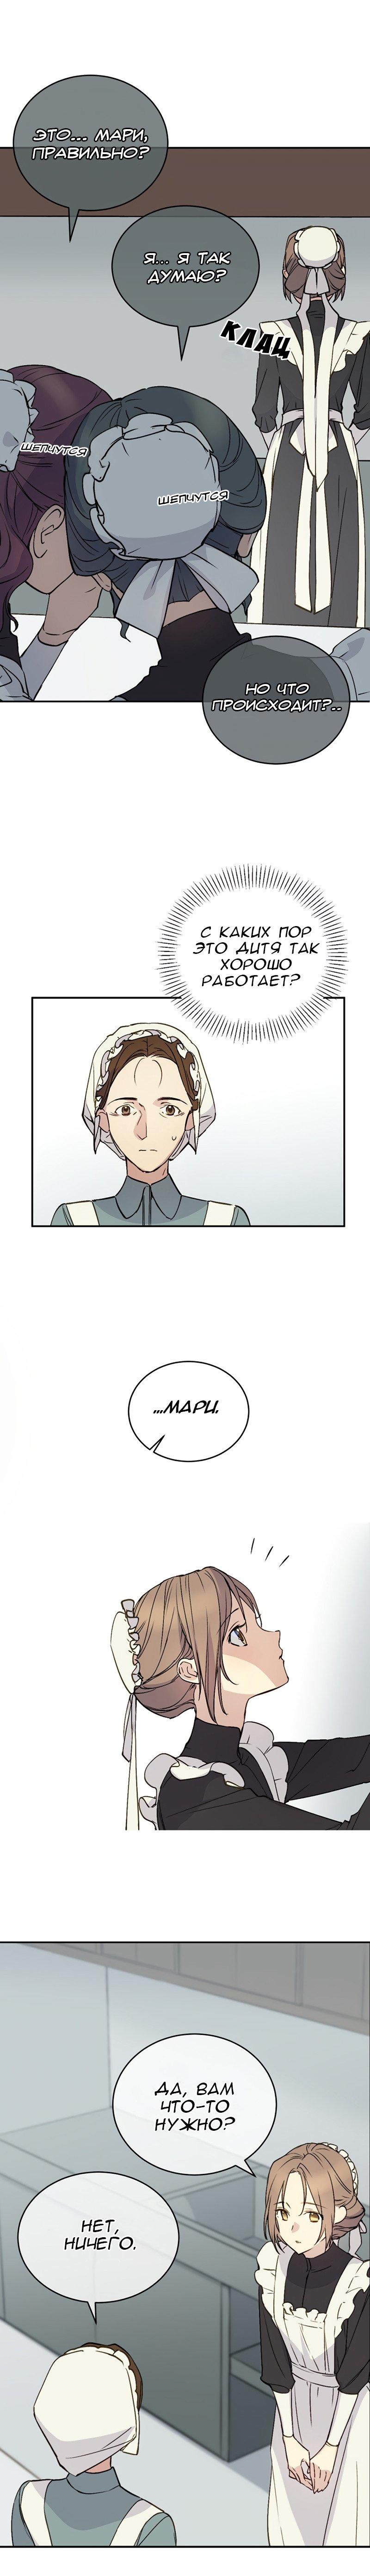 Манга Способная горничная / Capable maid  - Том 1 Глава 2 Страница 19